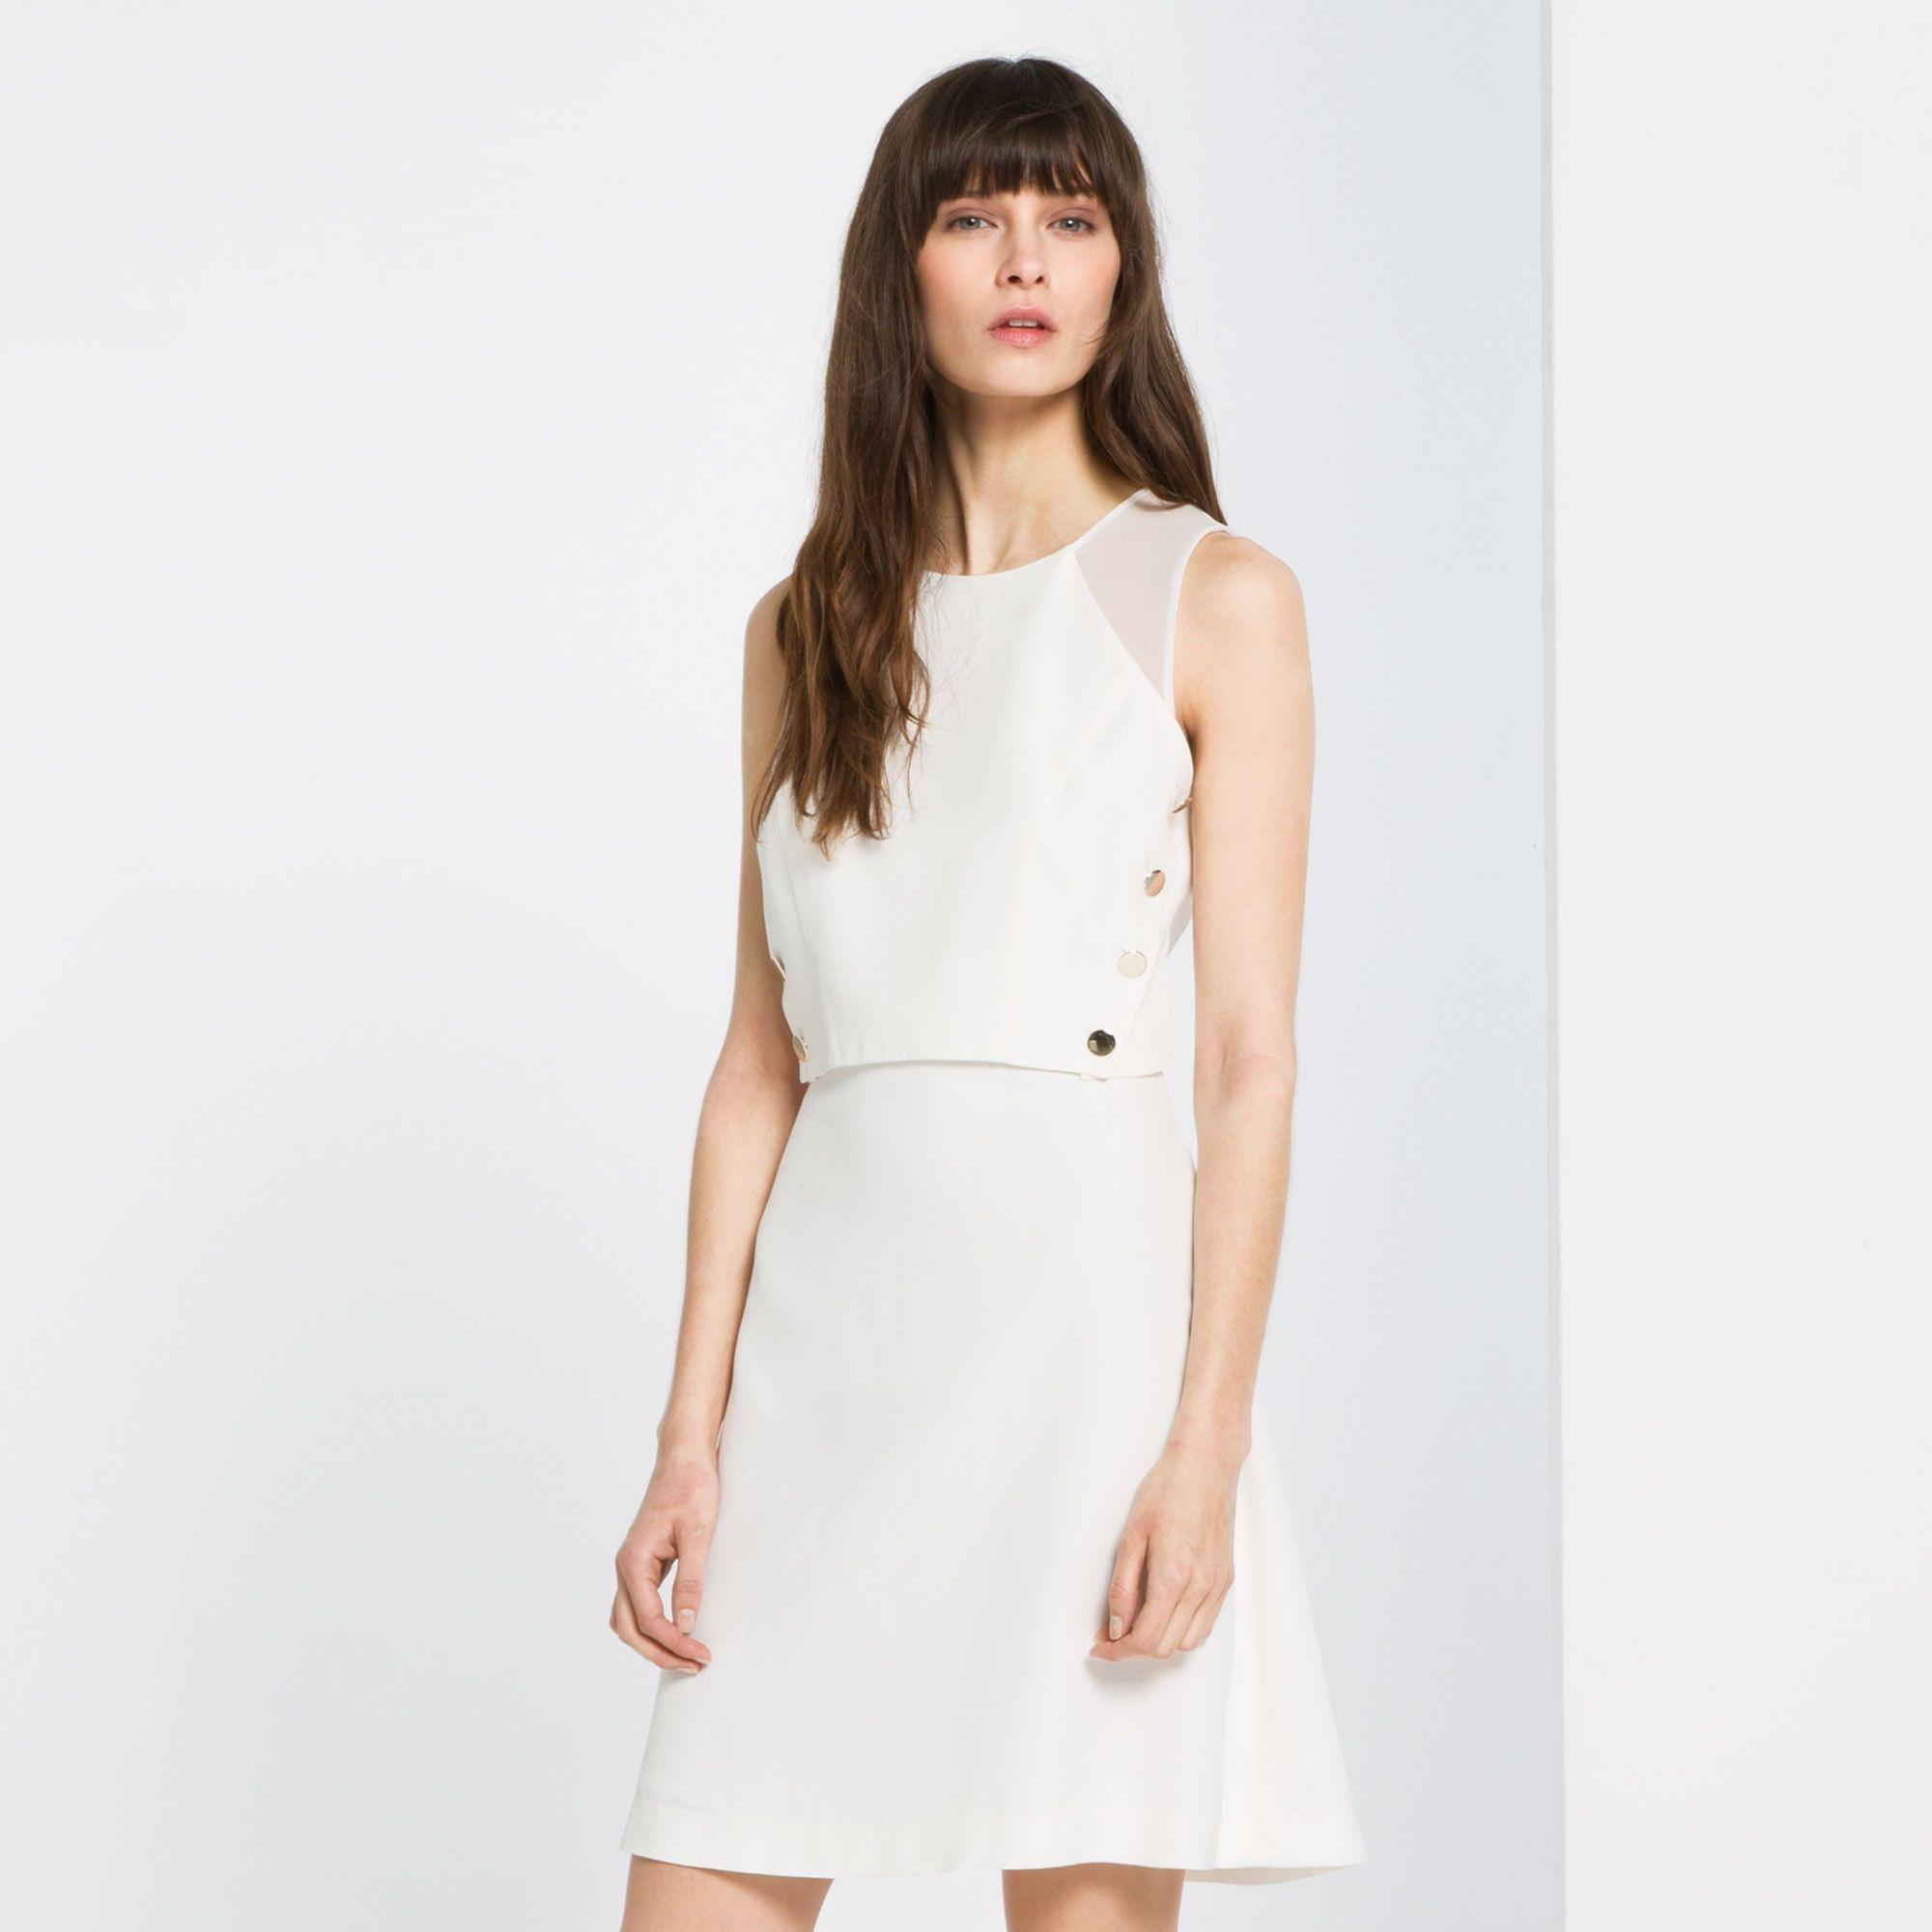 Robe Razz | SANDRO | Weiße Kleider für die Mädels | Pinterest | Robe ...